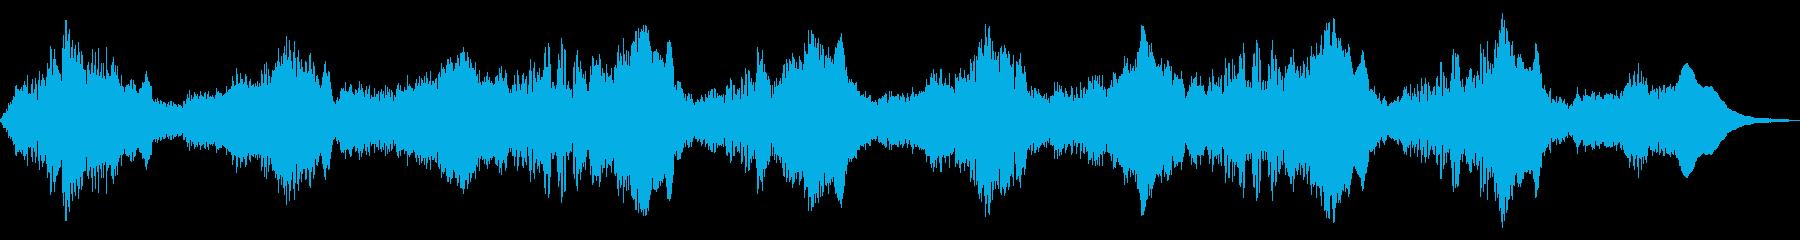 キャビンの不気味な進化するハーモニ...の再生済みの波形